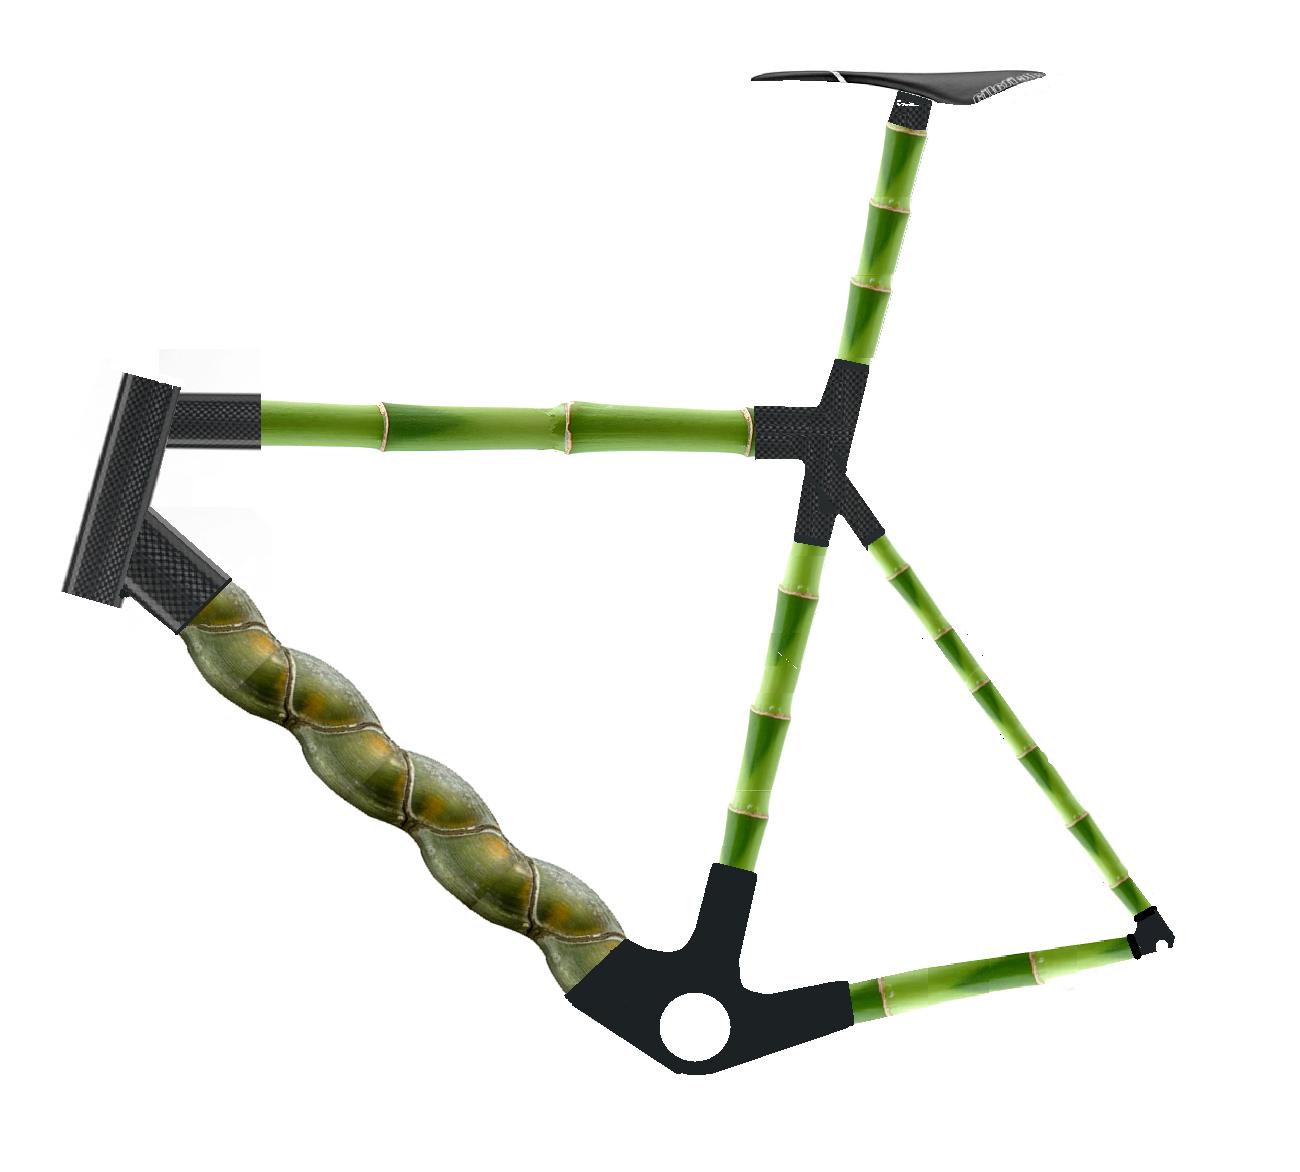 Bamboo Bike Frame